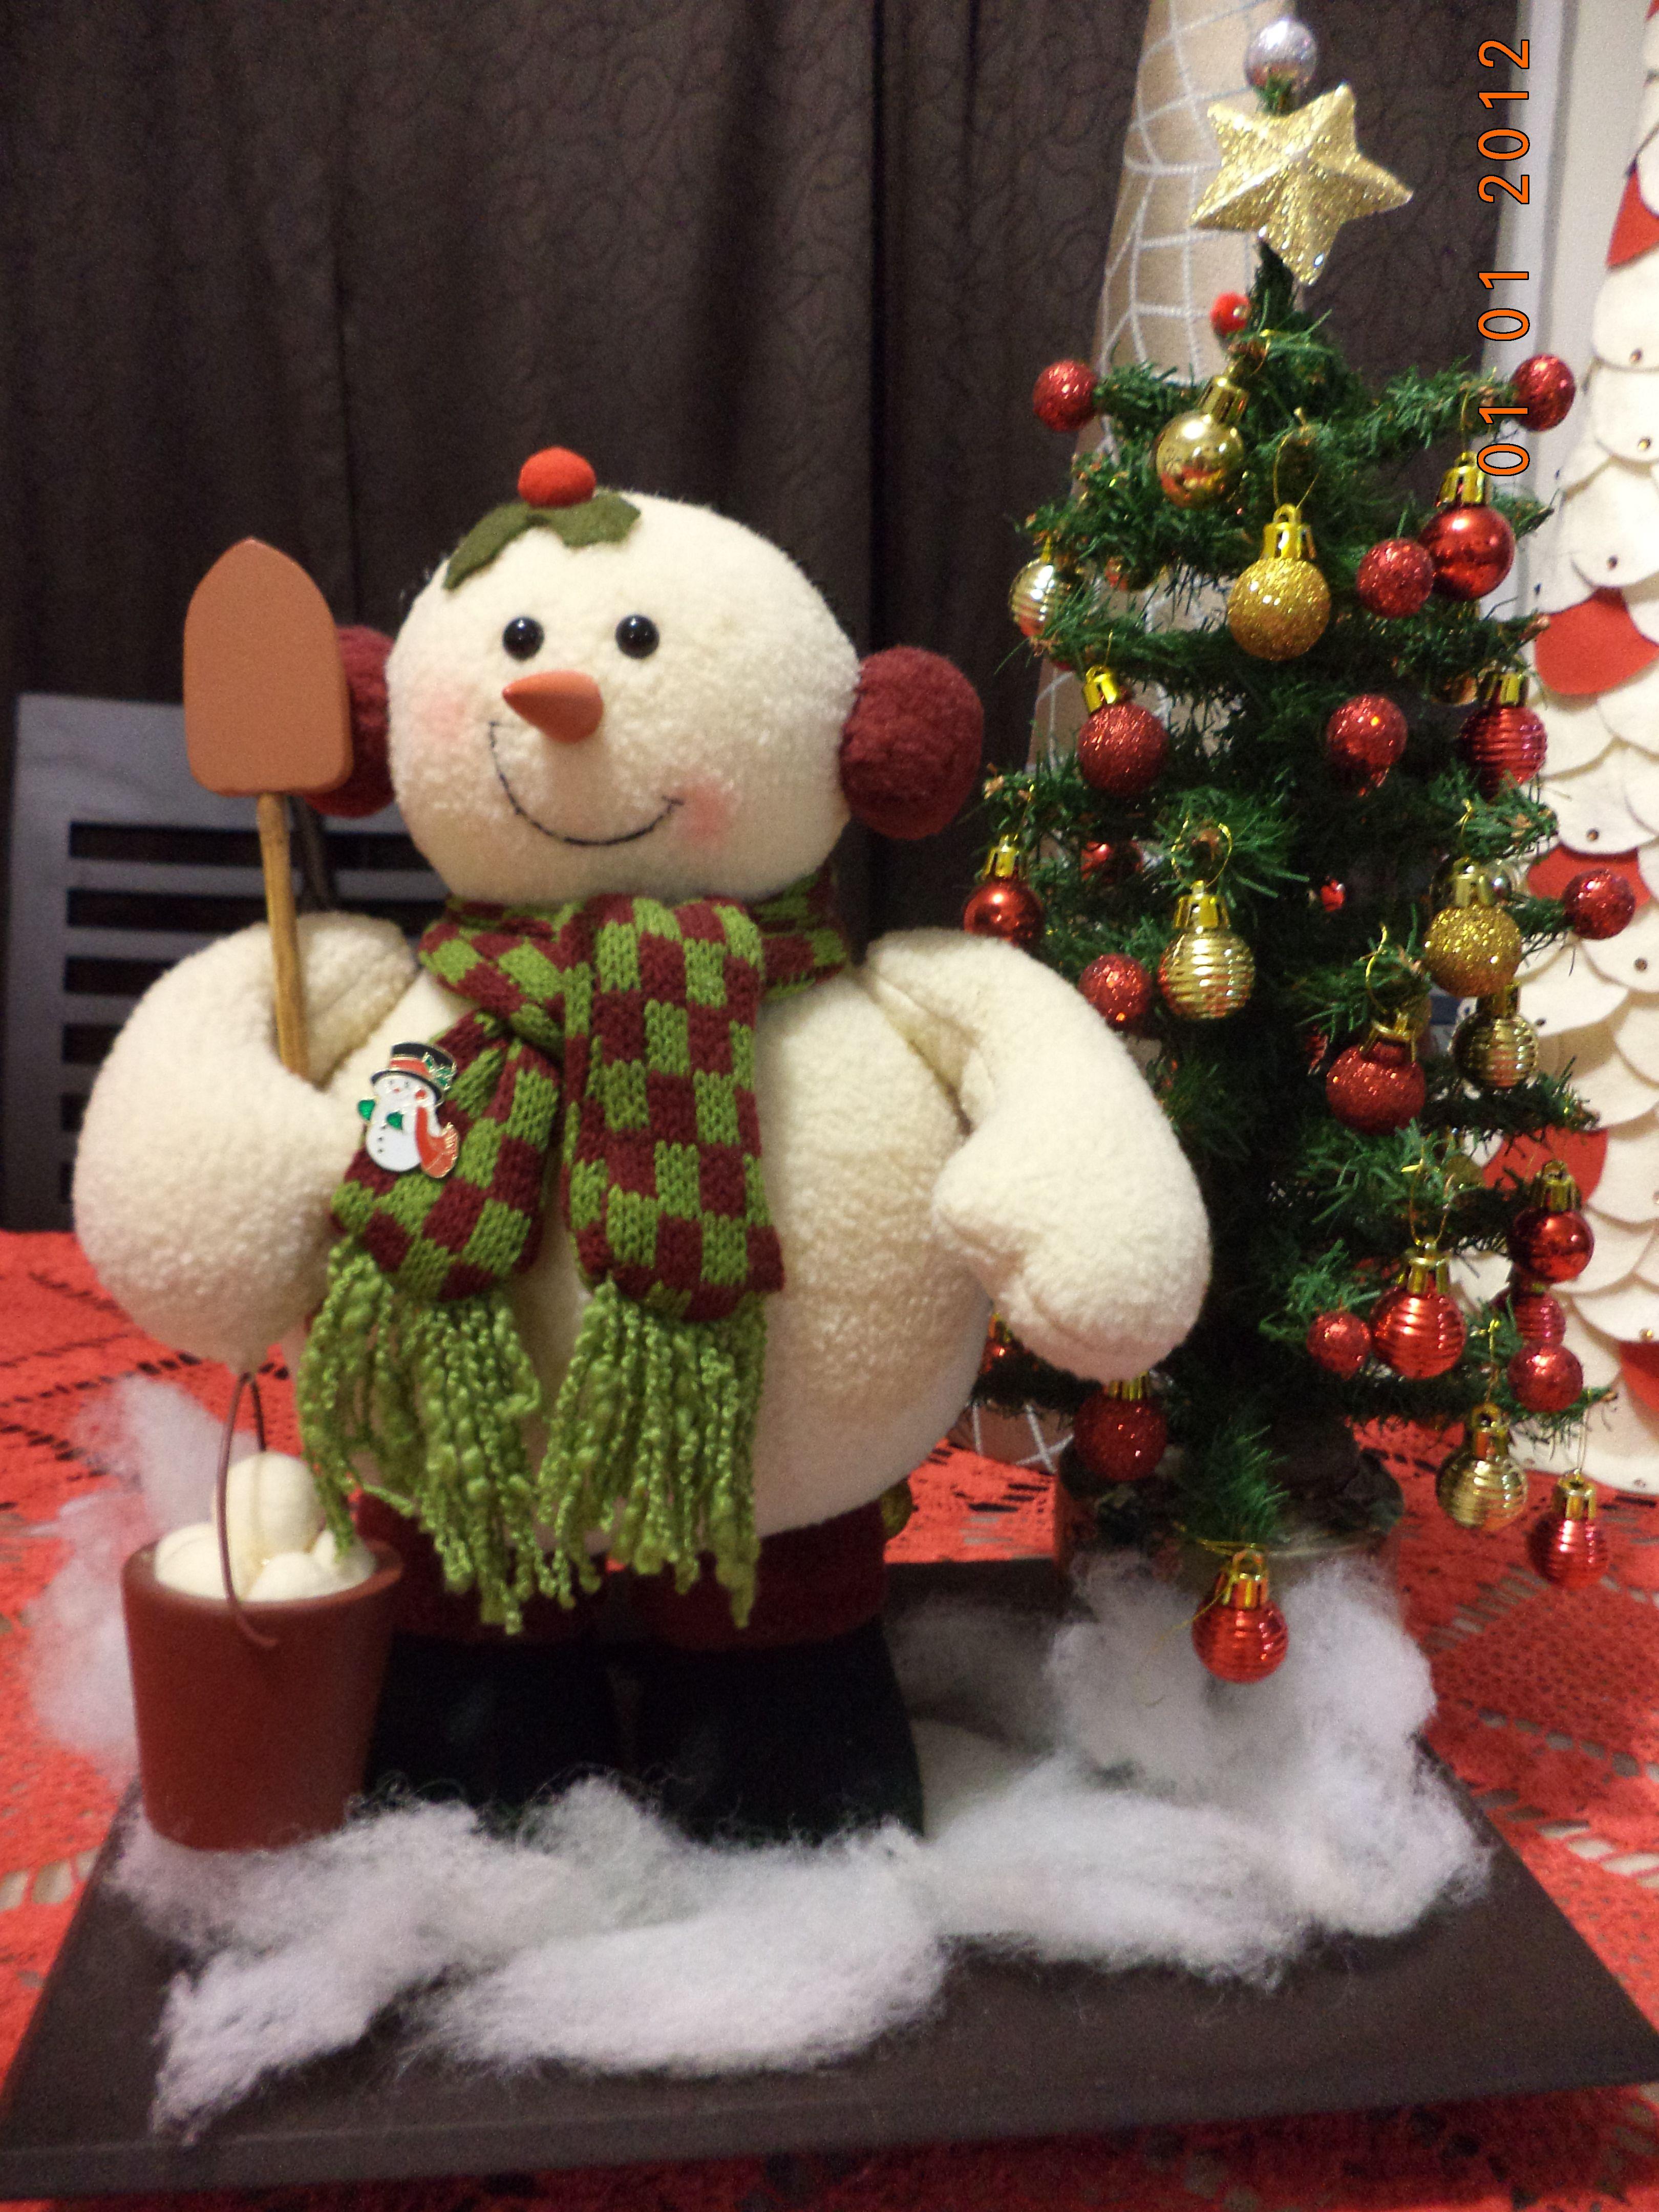 Hombre de nieve con rbol de navidad en miniatura para - Arbol navidad nieve ...